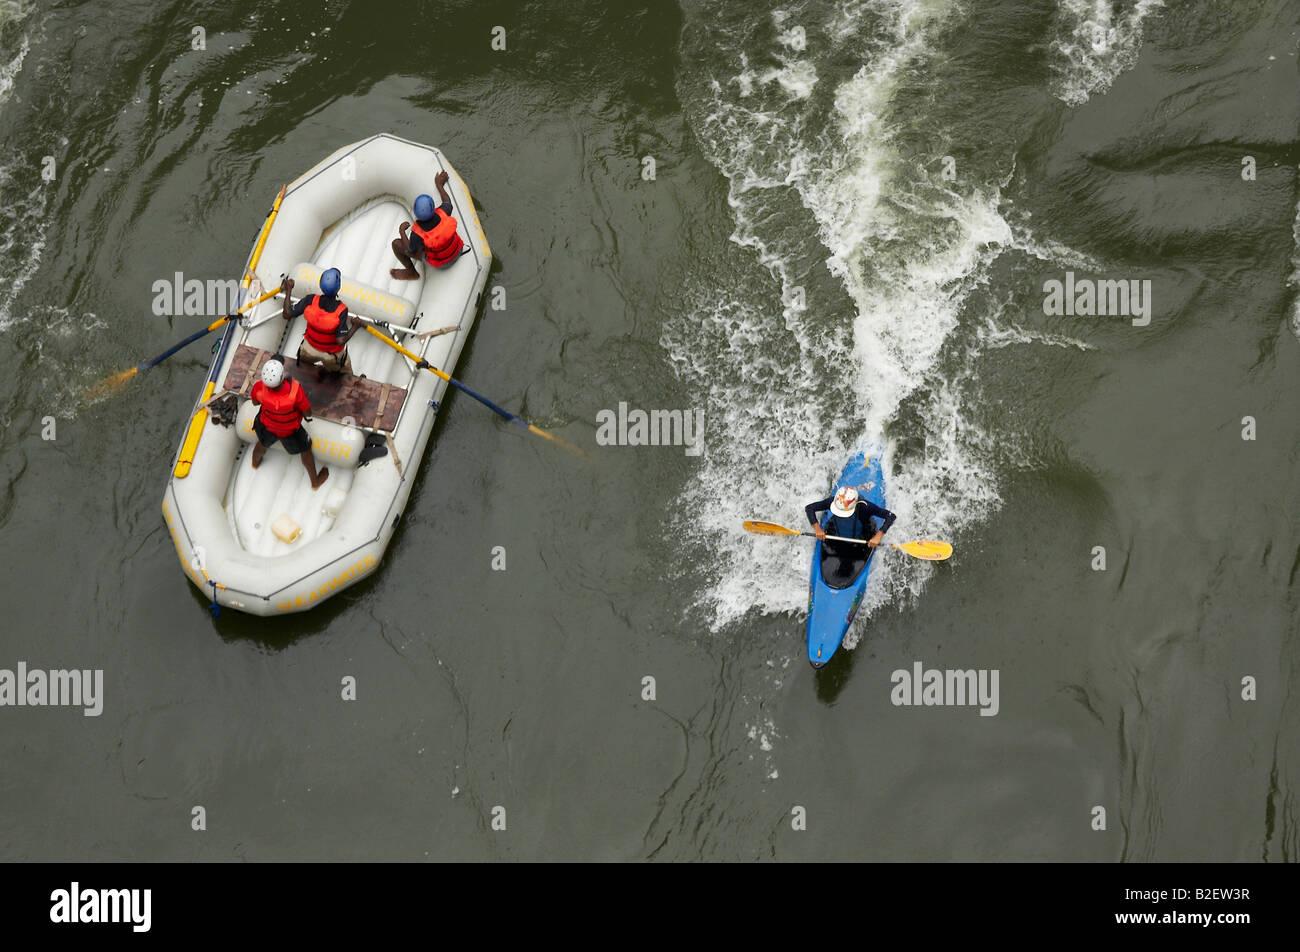 Vue aérienne de rafting et kayak sur la rivière Zambezi. Vu de passage Banque D'Images